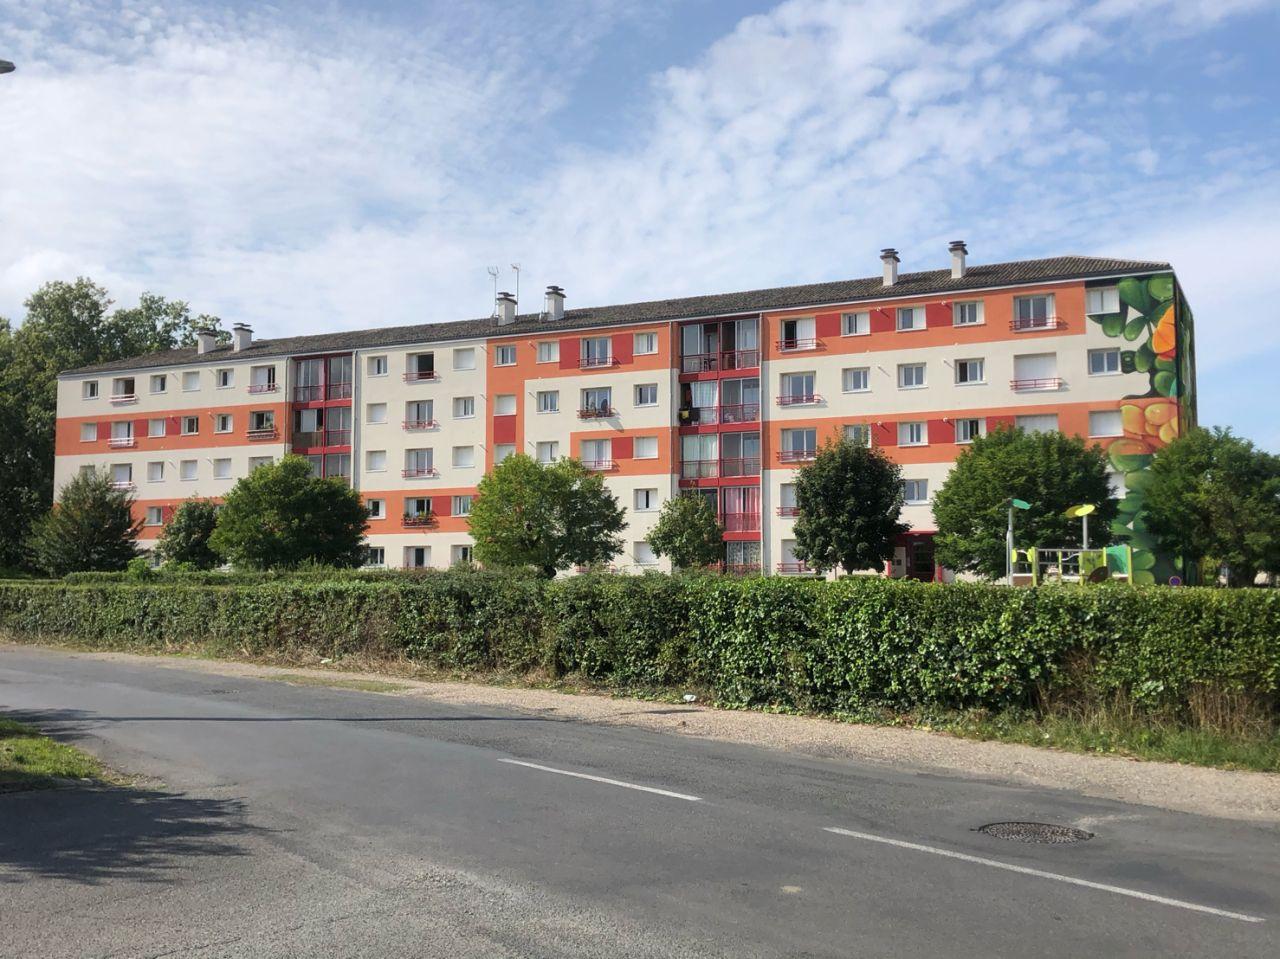 Rénovation d'un bâtiment de logements sociaux en Dordogne, peinture et isolation thermique par l'extérieure par la SARL Marcillac et Fils